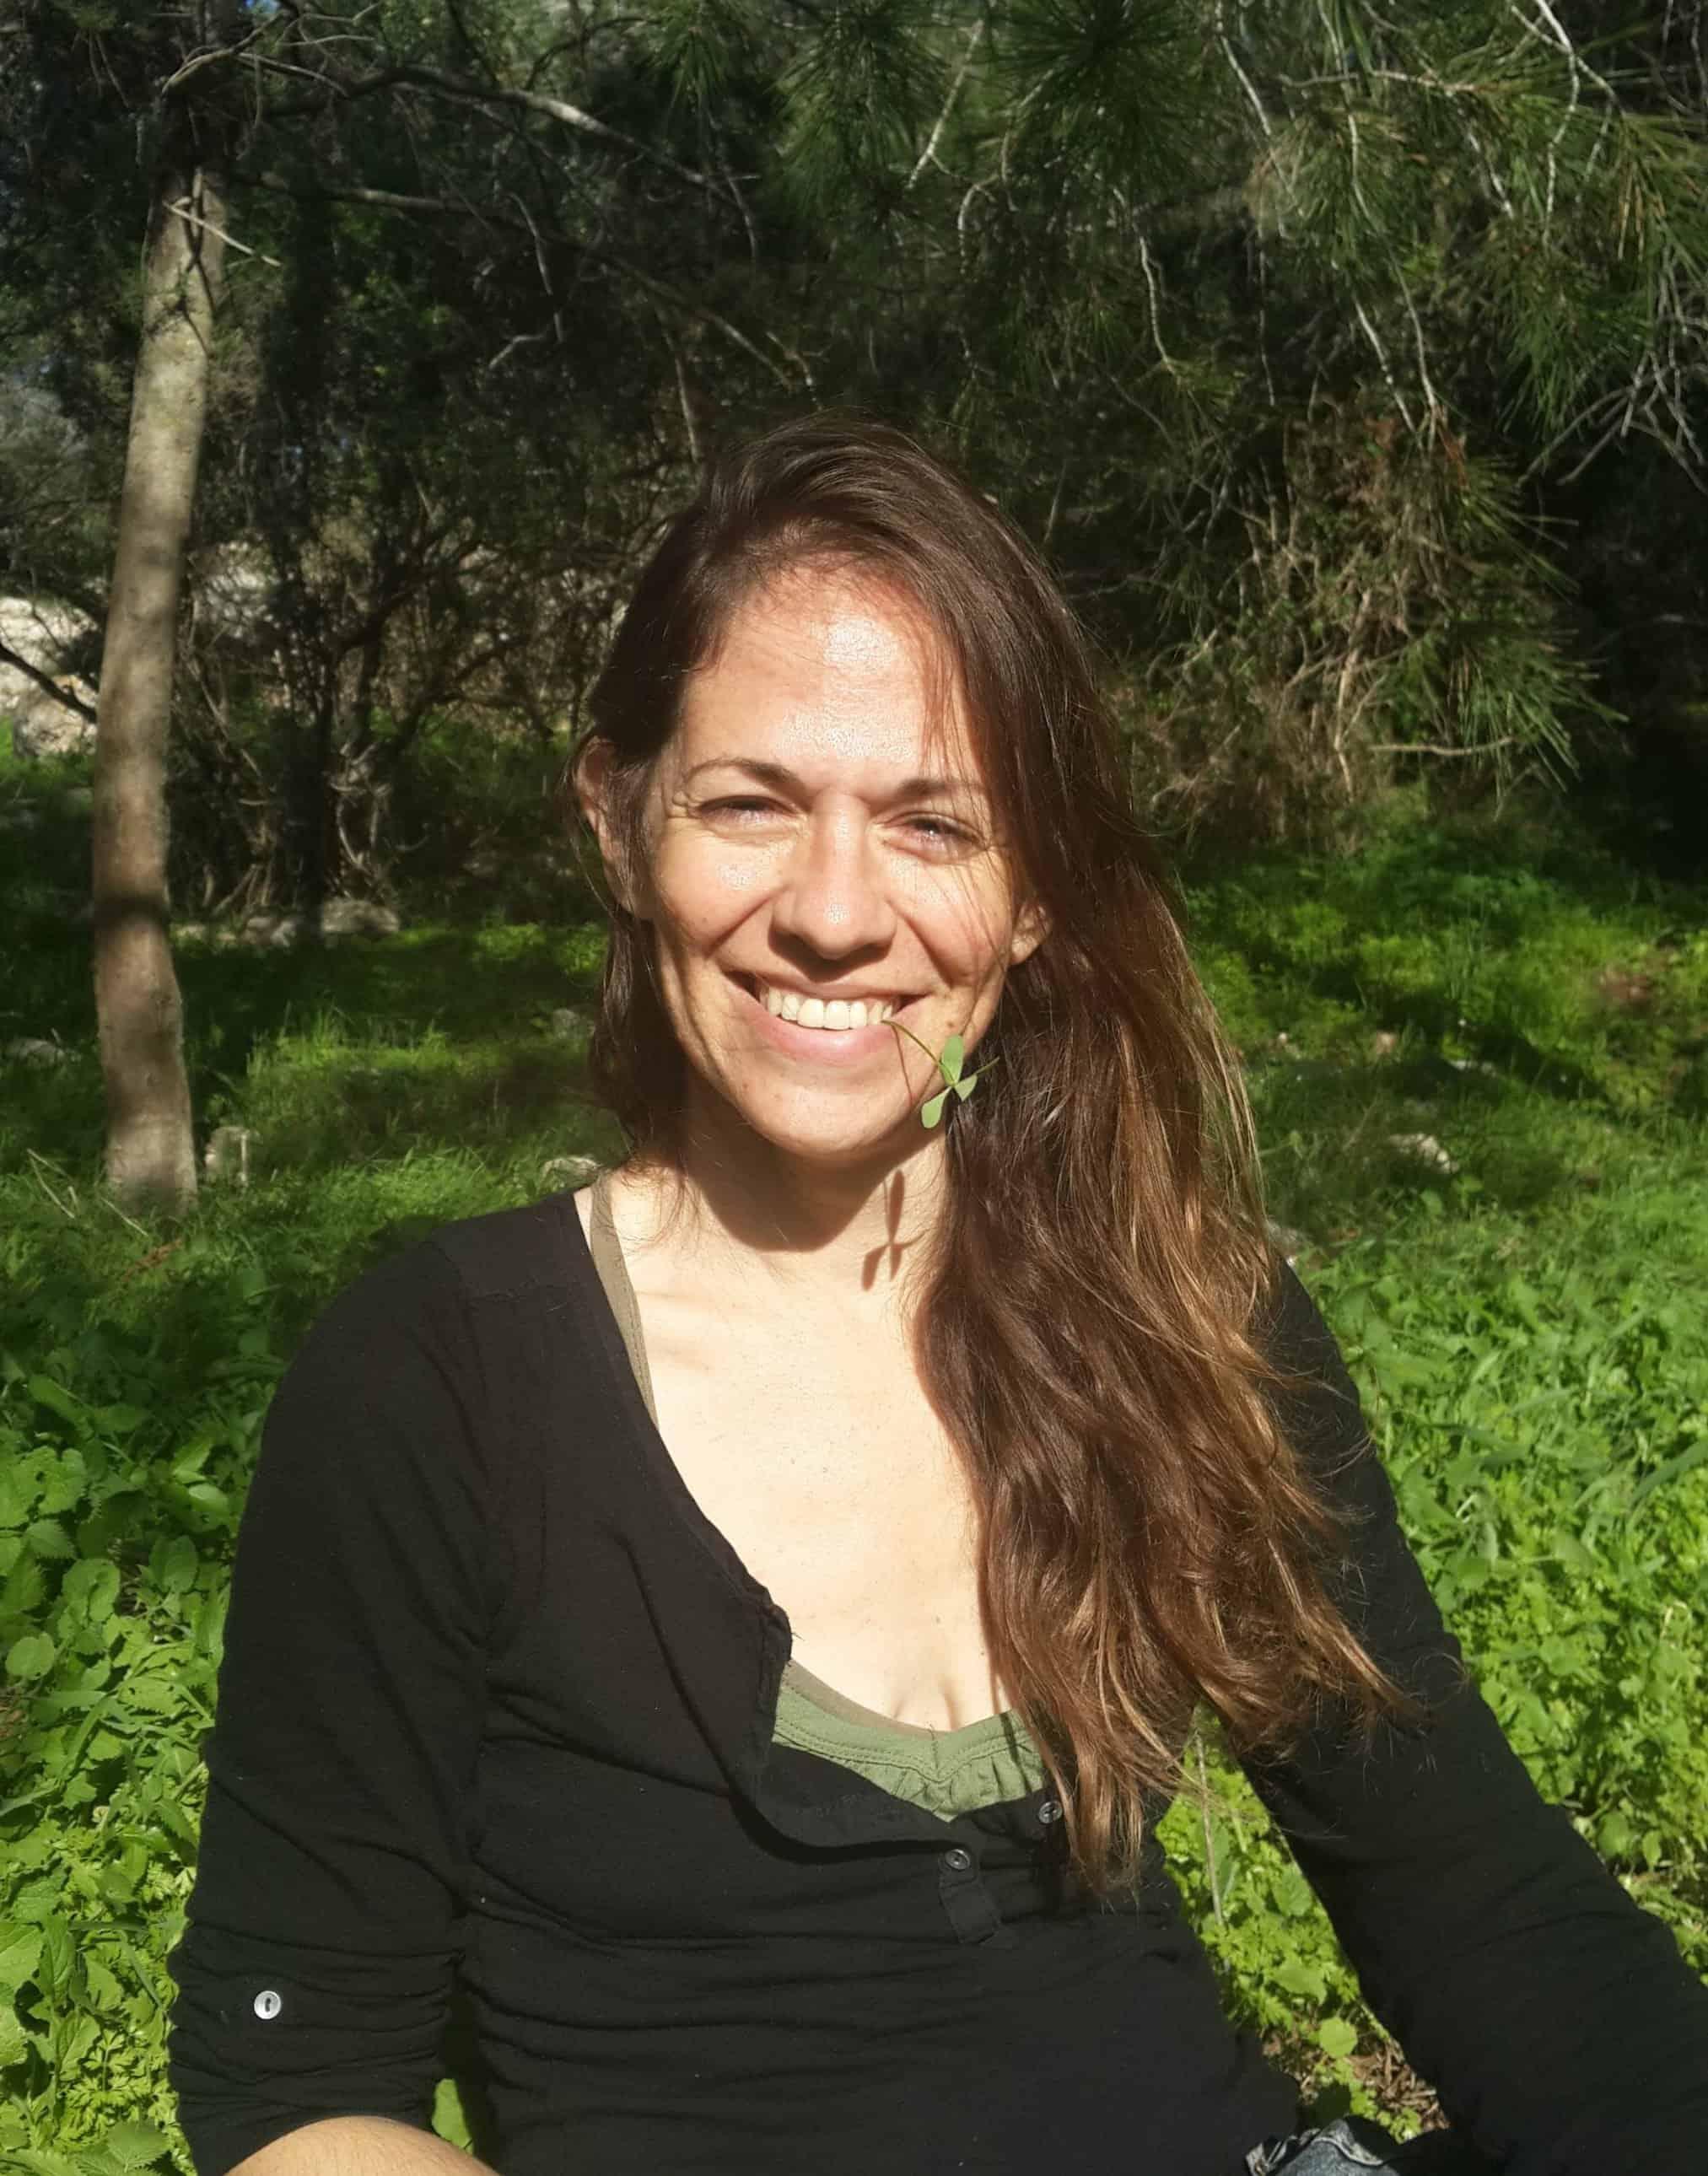 אביבית ג'וטי ברקוביץ' המרכז המקצועי לליקוט